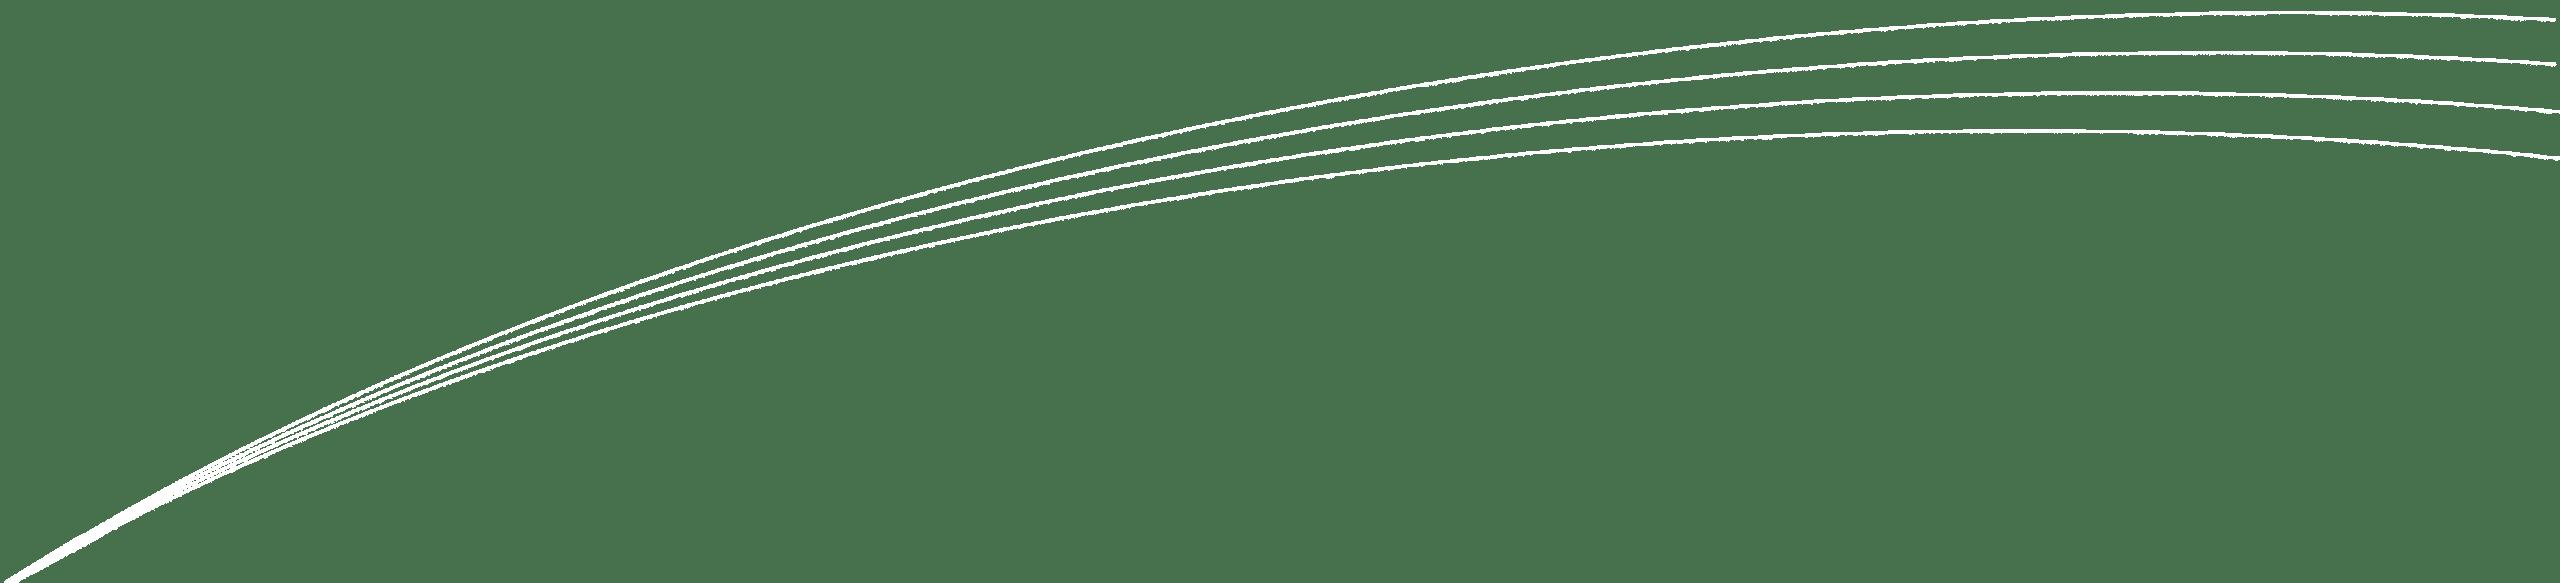 Sportline. WOWTOWELZ. Mikrofasertücher / Microfaser Handtuch für Sport, Fitness, Gymnastik, Workout, Bop, Outdoor, Golf, ... Towels / Handtücher mit WOW-Effekt